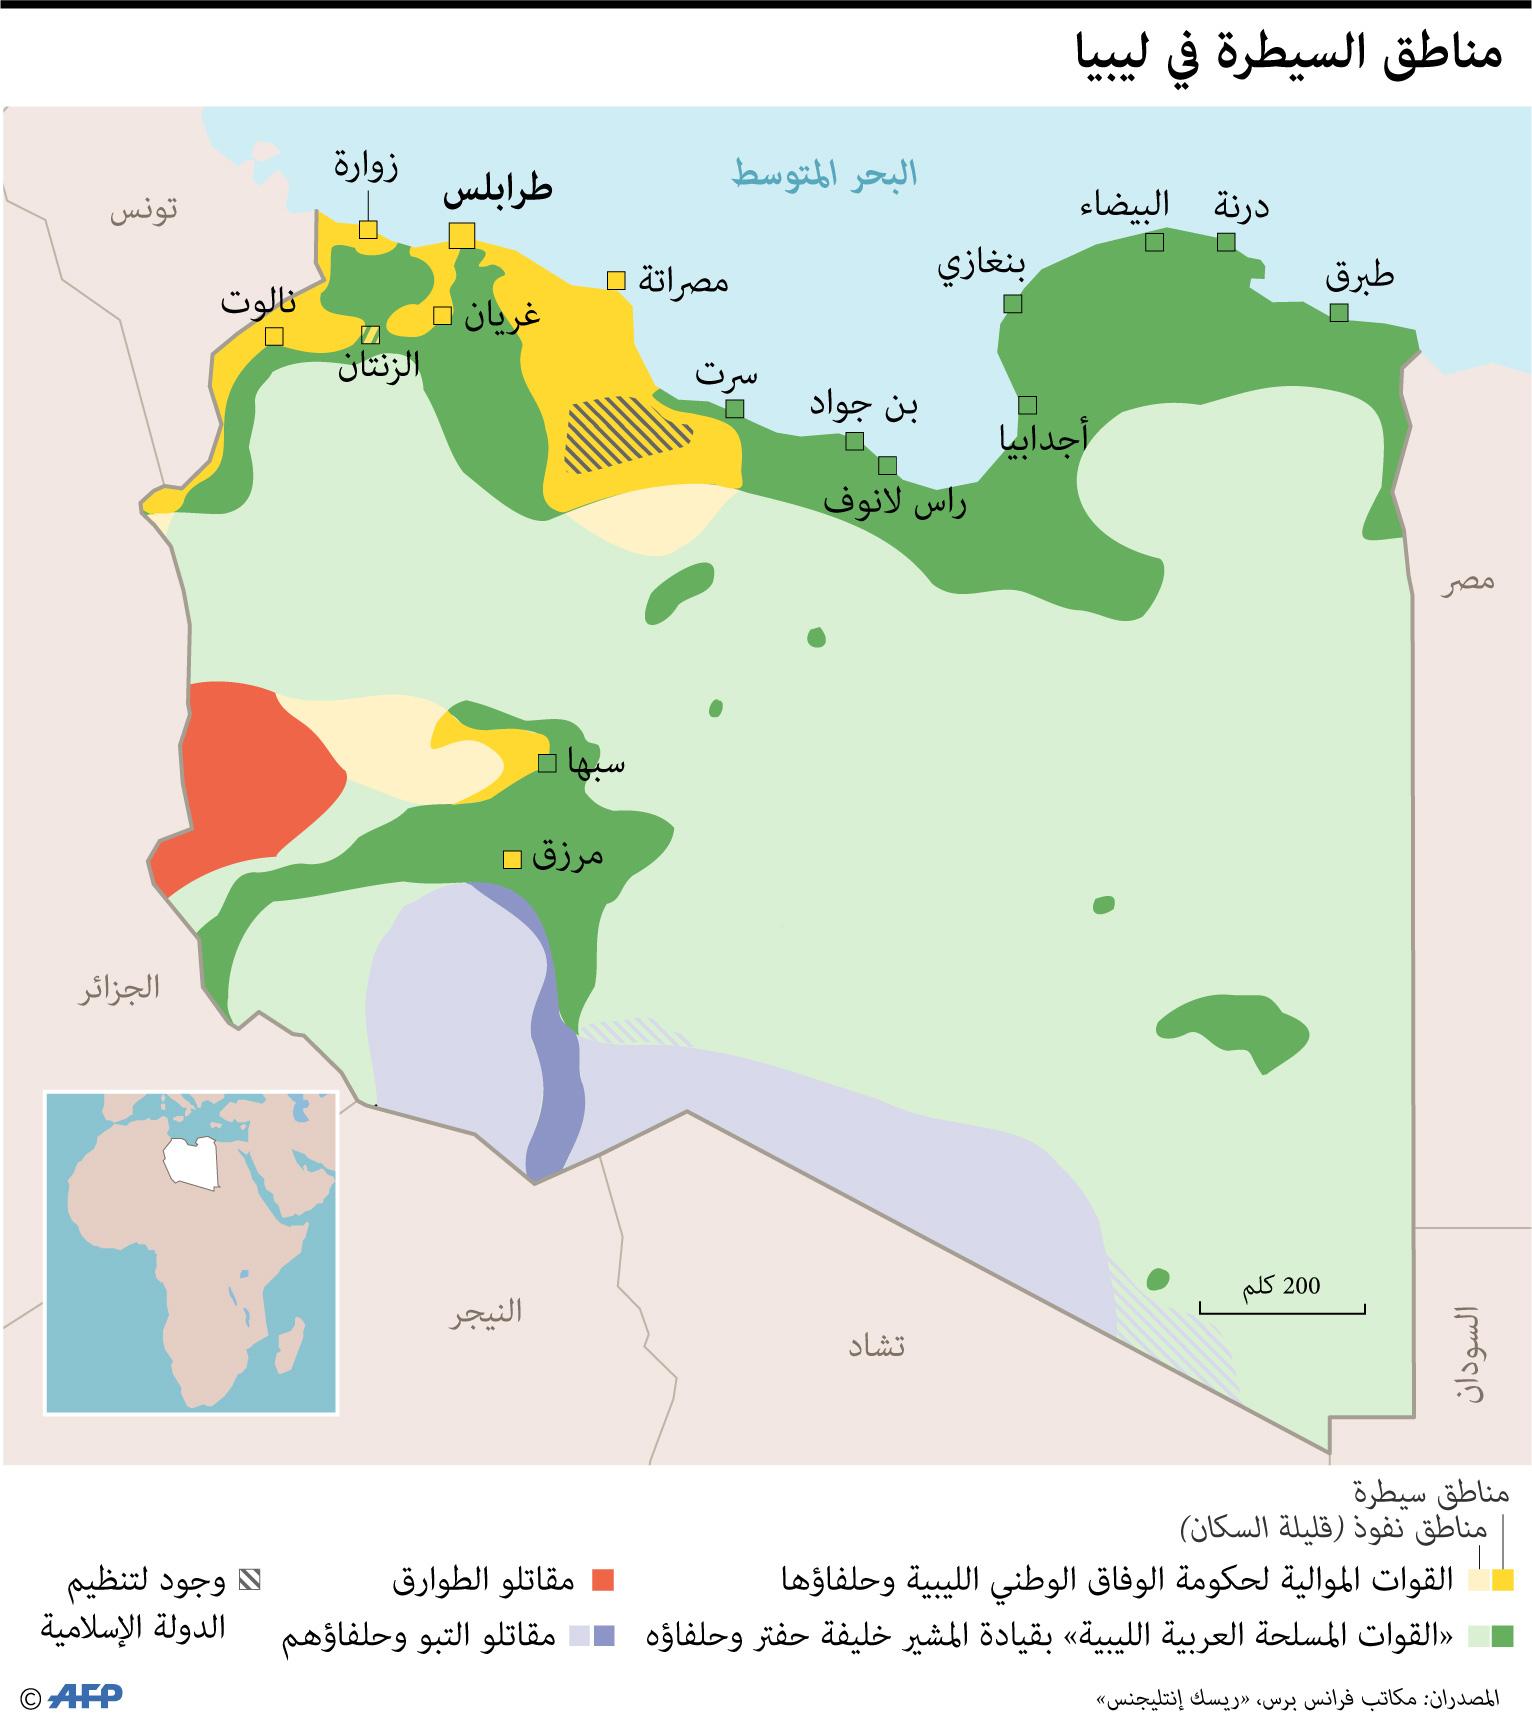 مناطق السيطرة في ليبيا